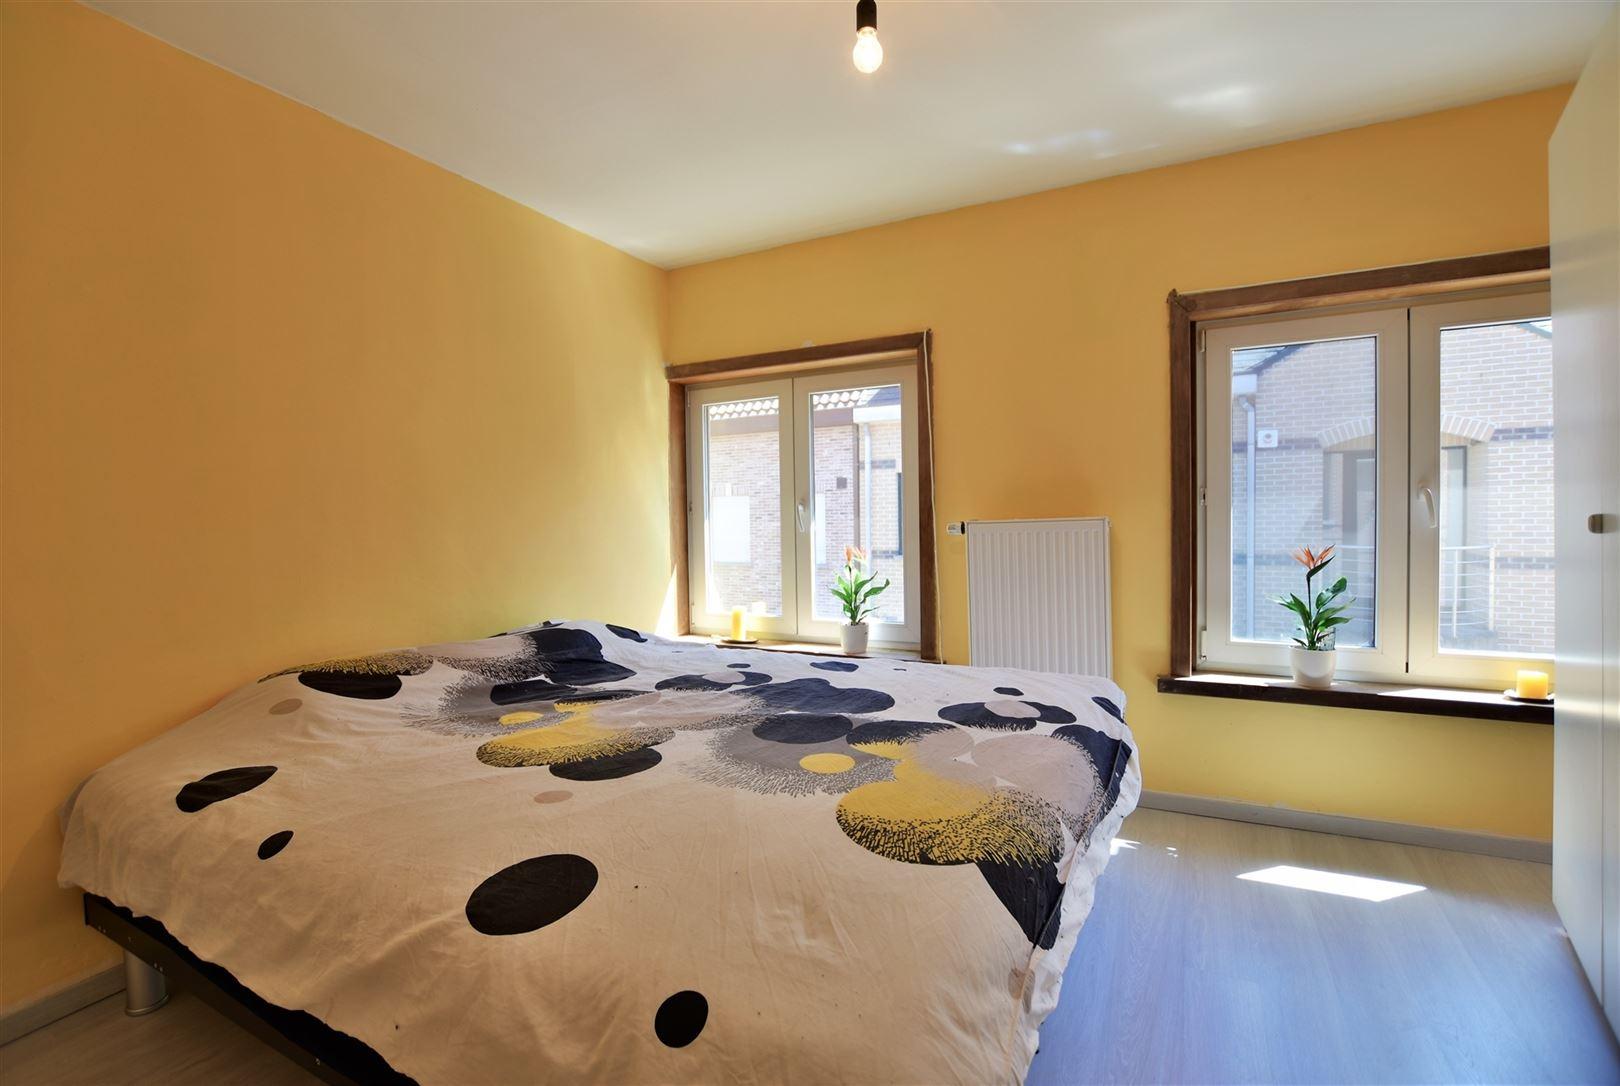 Foto 9 : Woning te 9220 HAMME (België) - Prijs € 239.000